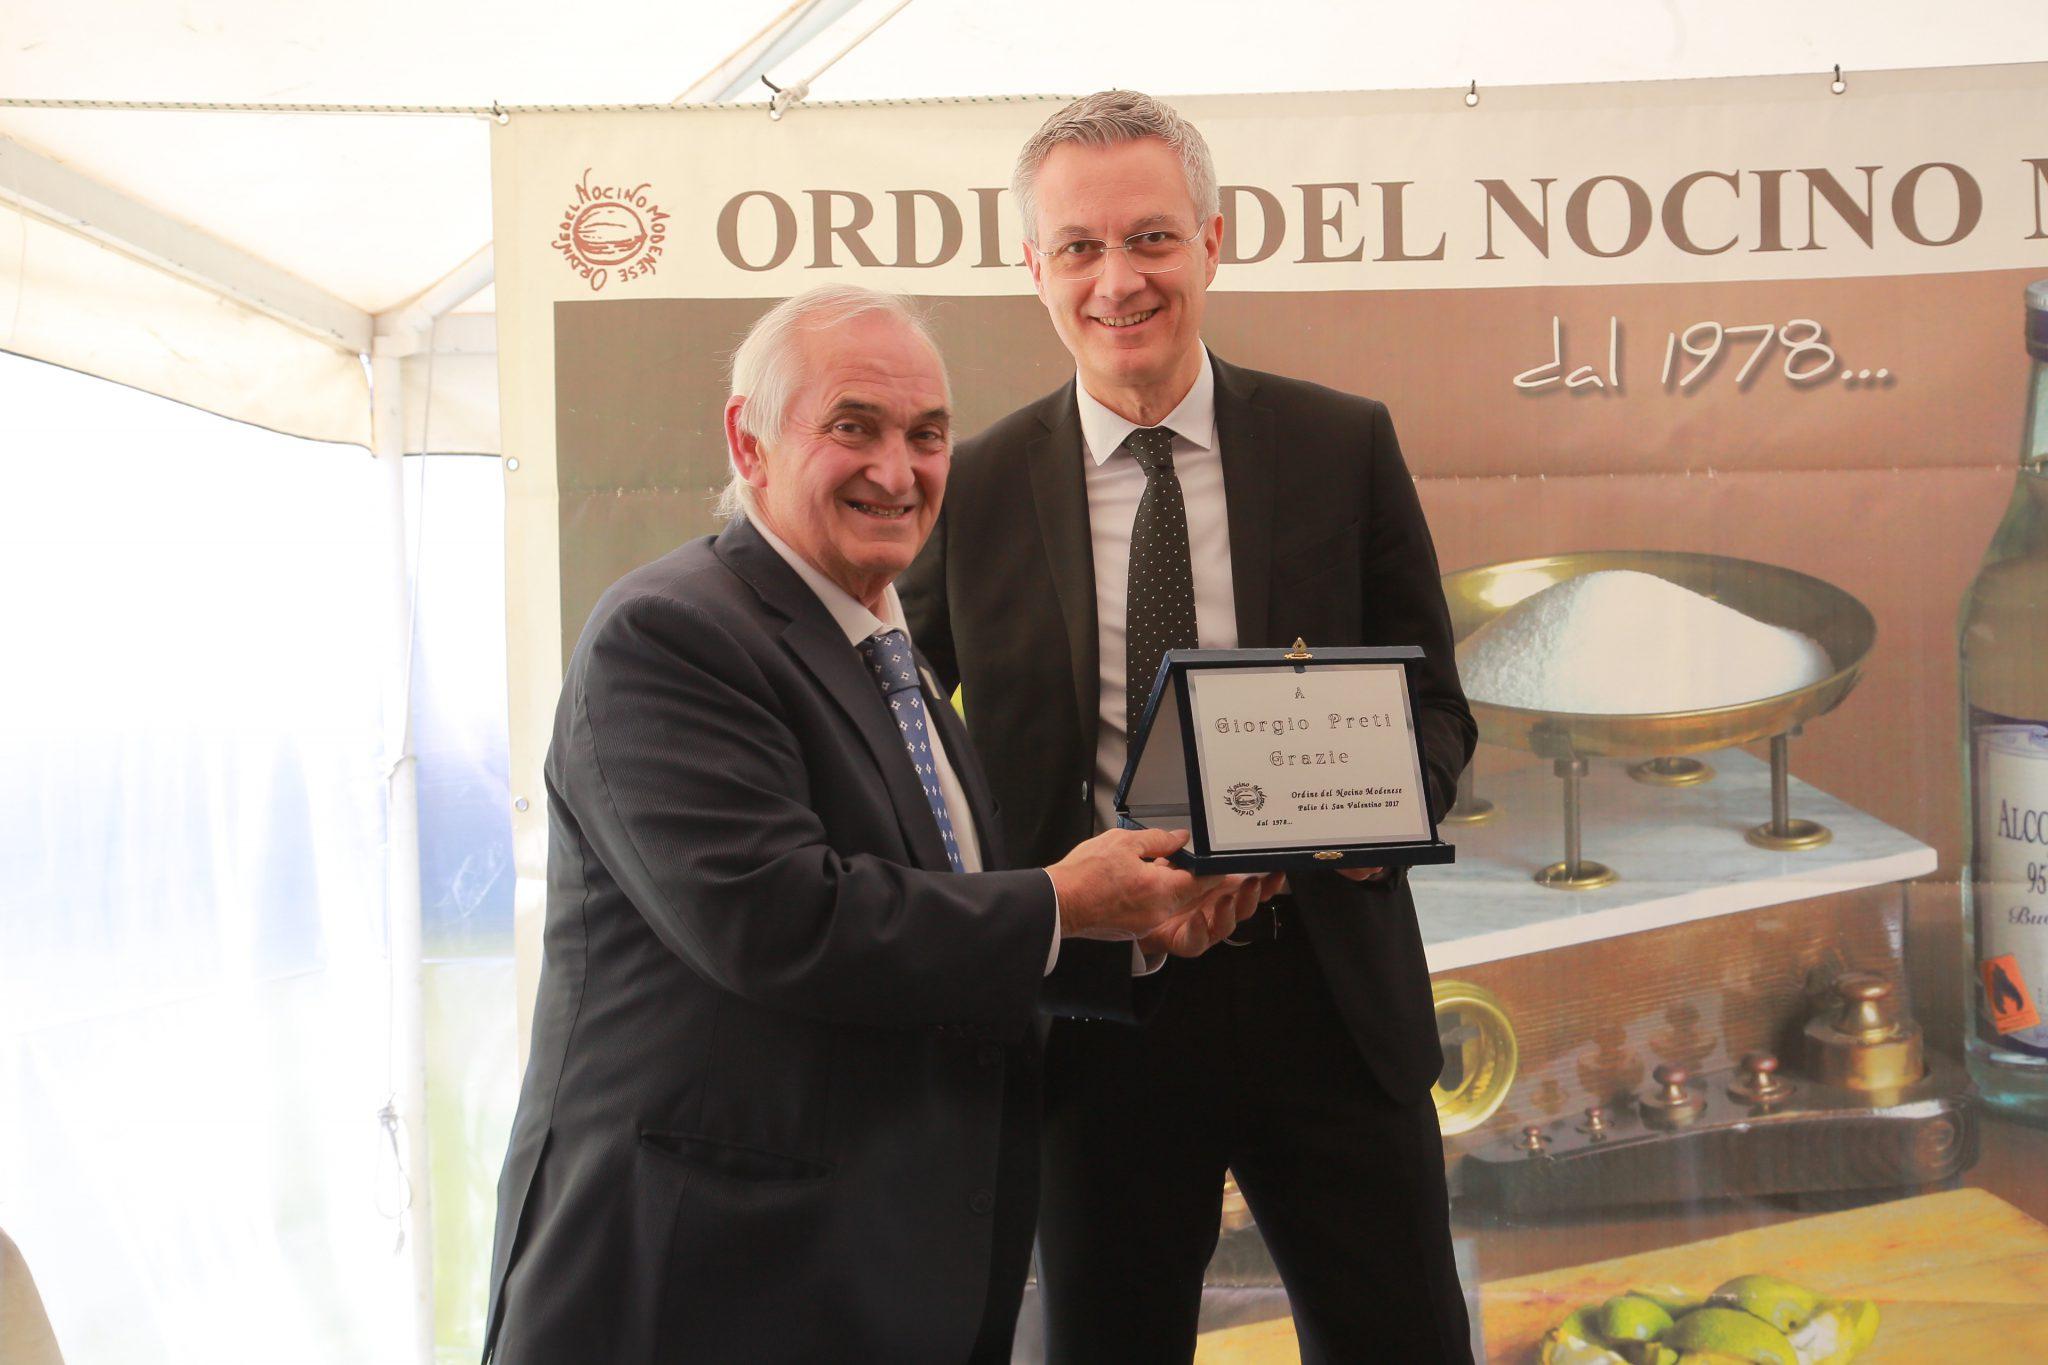 Ringraziamento a Giorgio Preti per il lavoro svolto